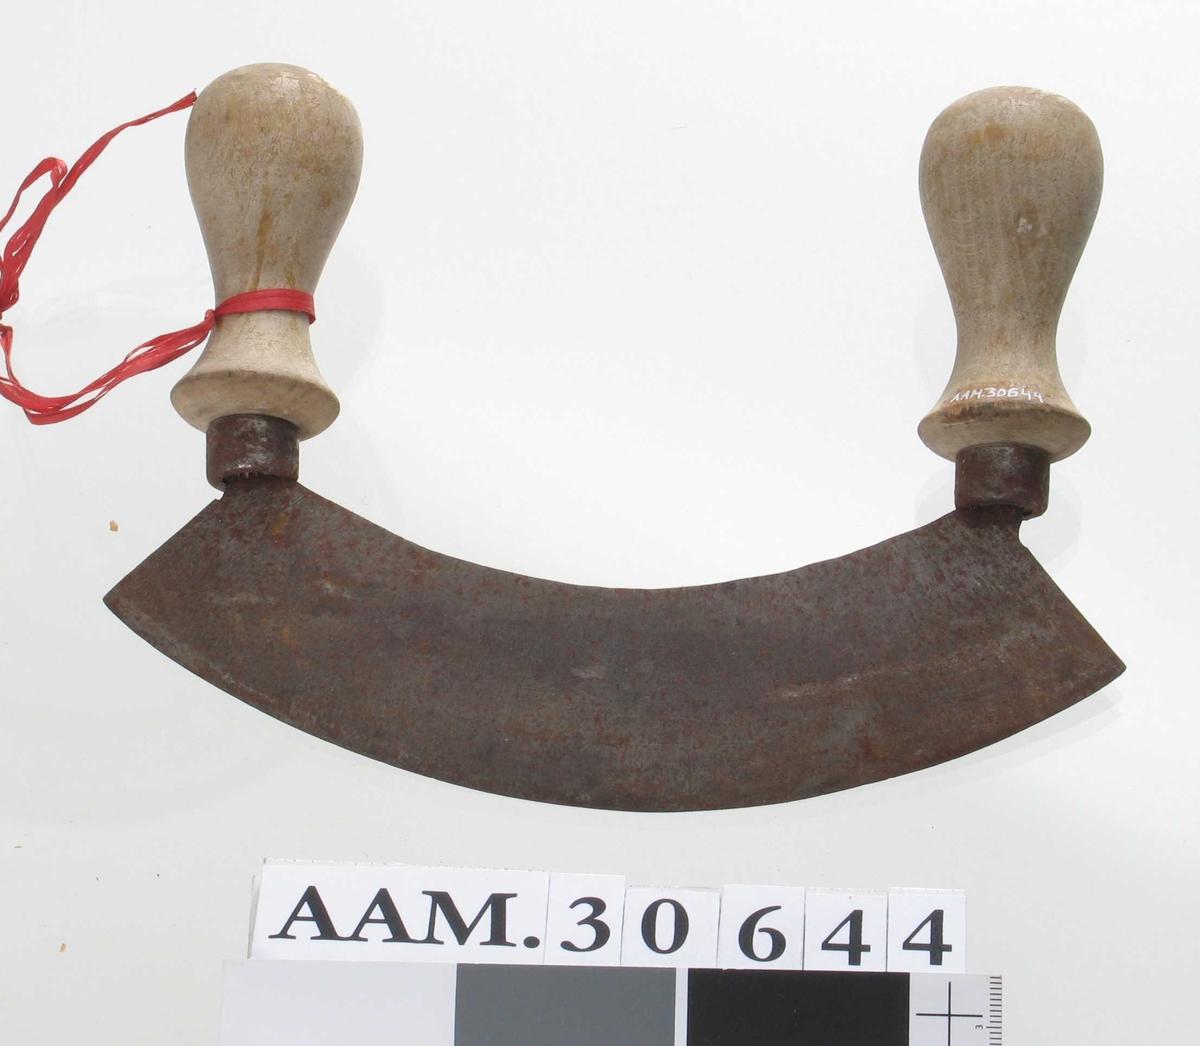 Form: Rektangulært, buet knivblad med dreiet håntak på hver side.